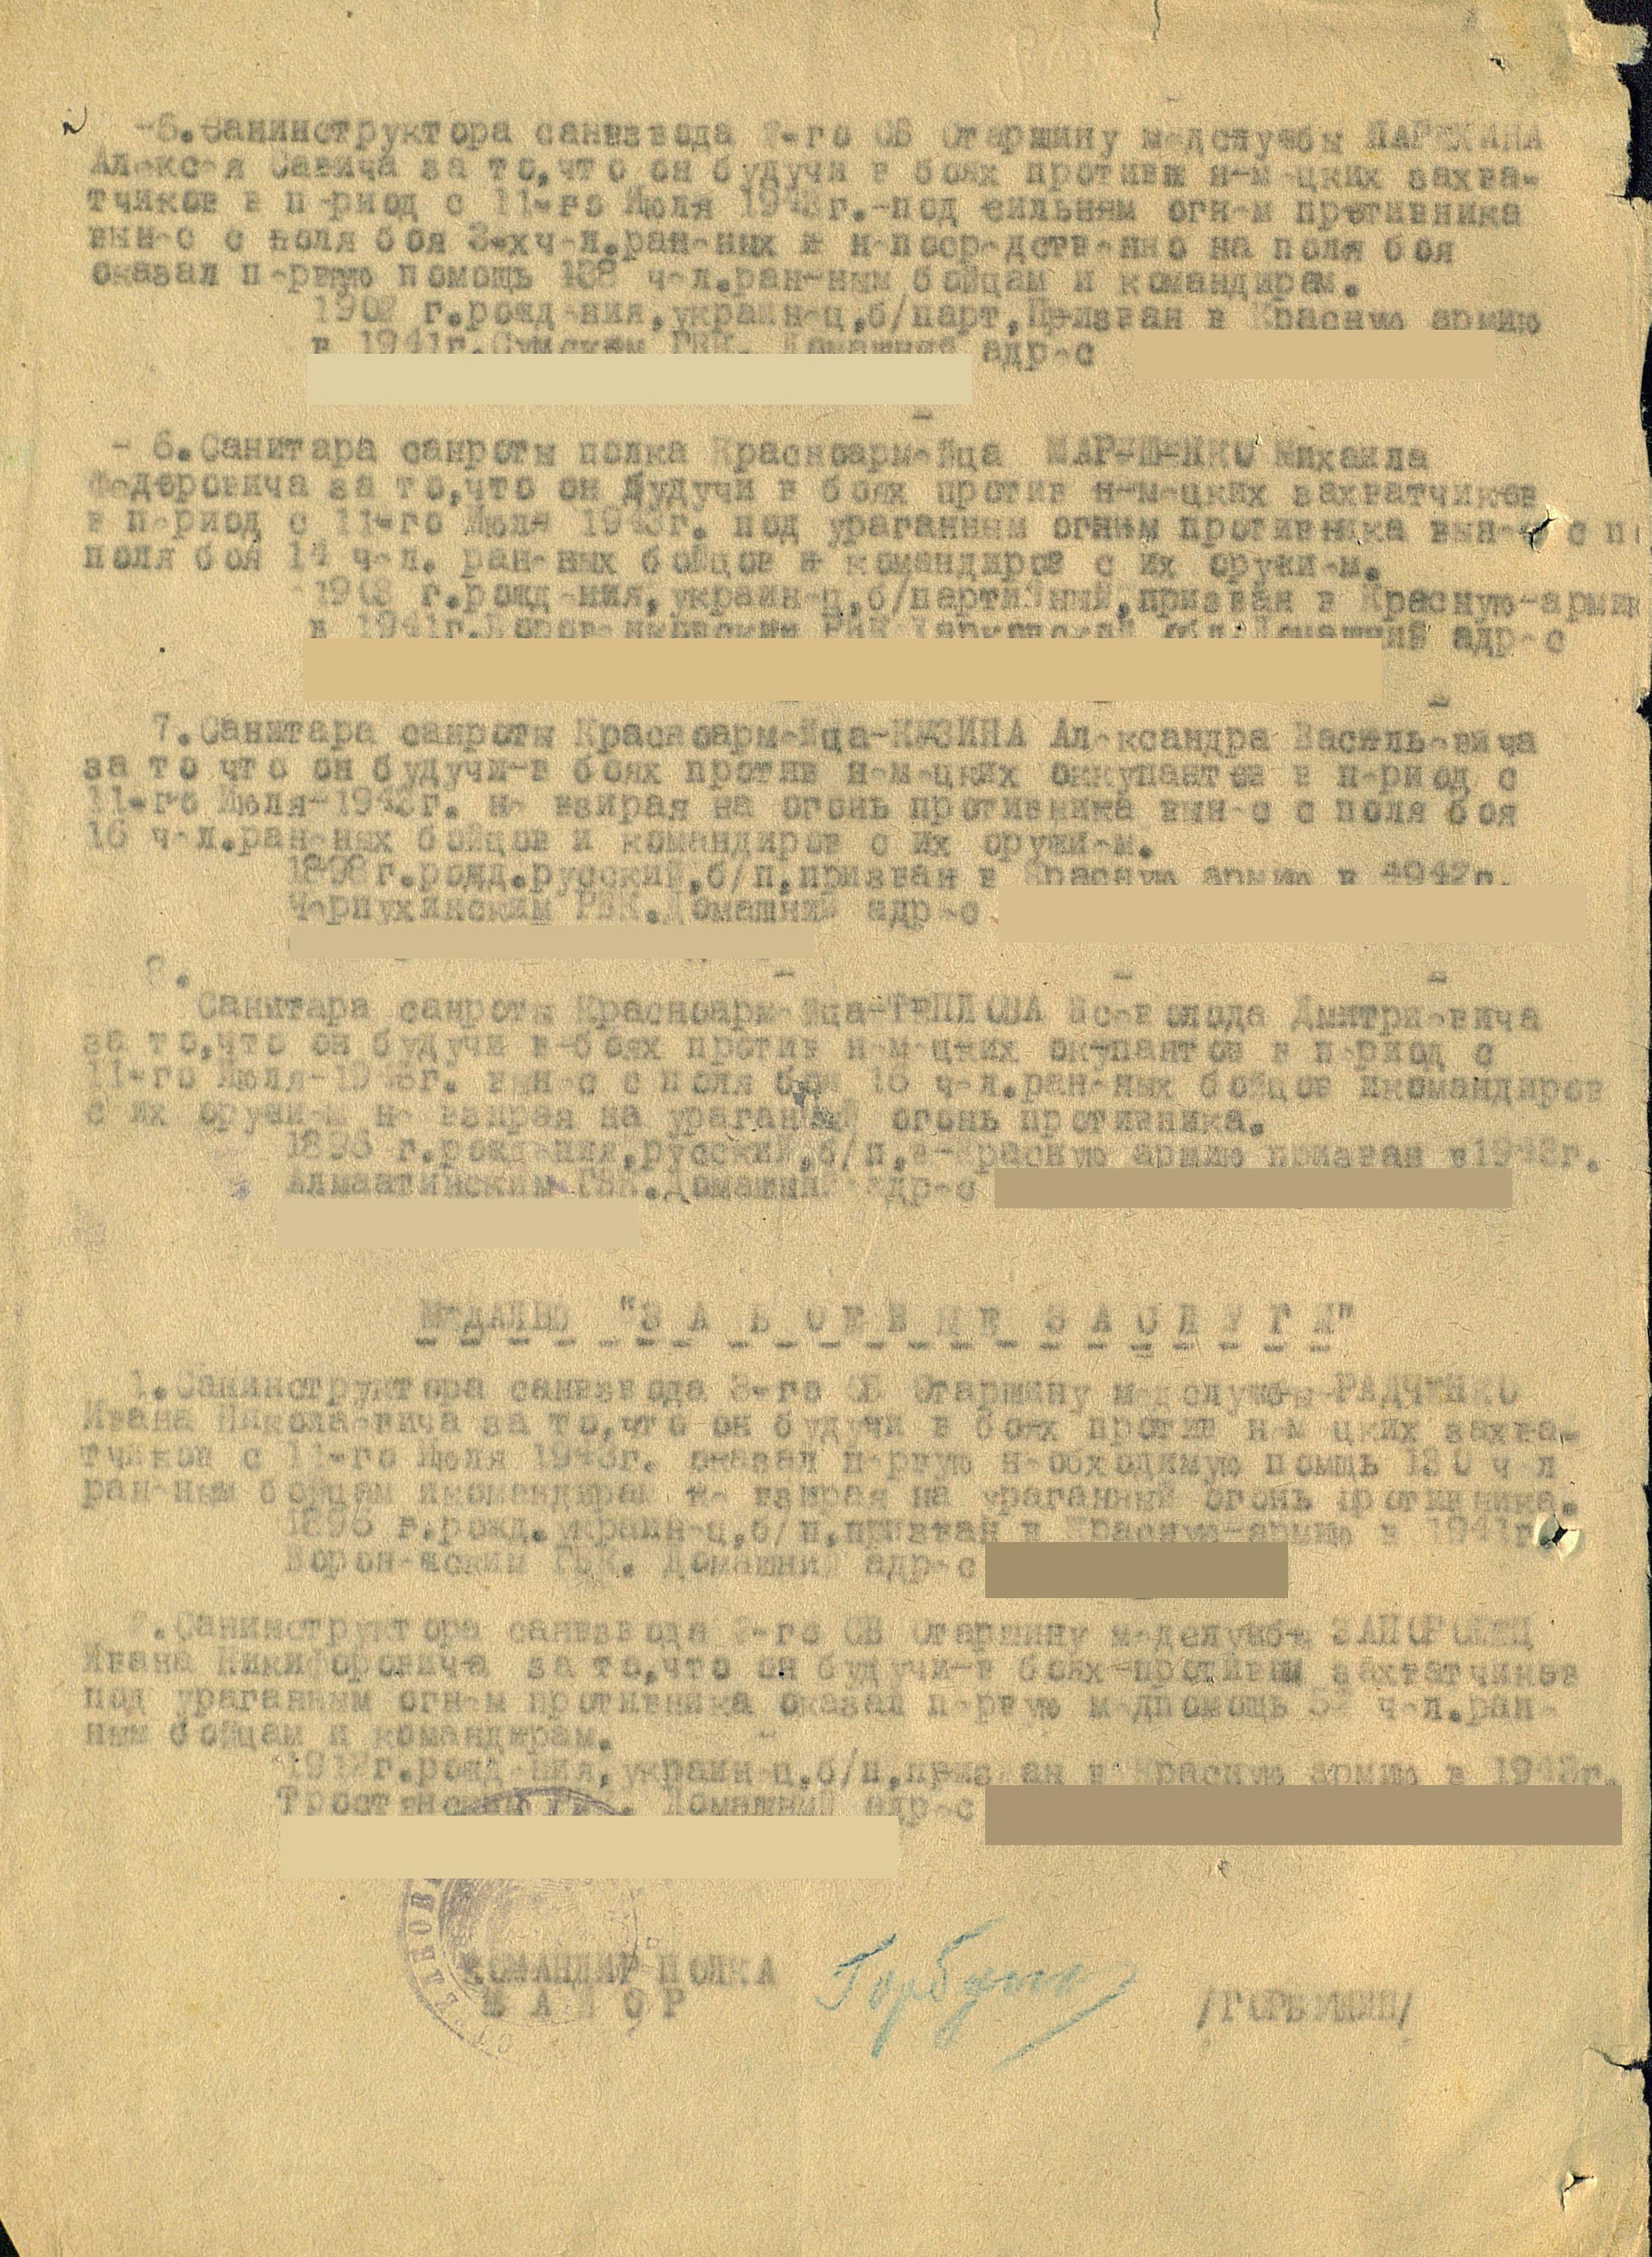 Приказ о награждении Чигирева Ивана Васильевича медалью за отвагу